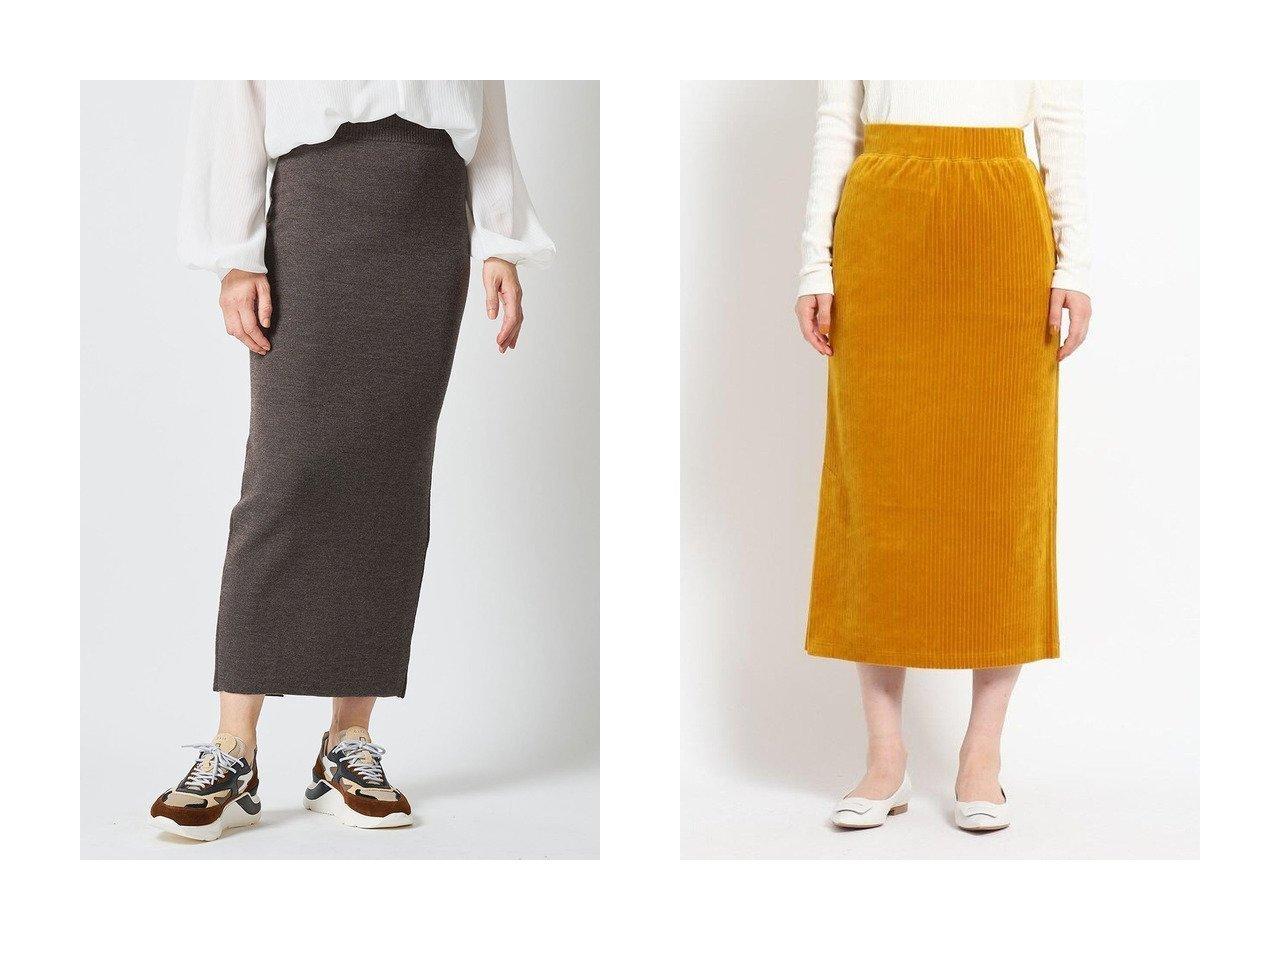 【JET/ジェット】の【JET LOSANGELES】【ウォッシャブル】コーデュロイストレートスカート&【Whim Gazette/ウィムガゼット】のミラノタイトスカート スカートのおすすめ!人気、レディースファッションの通販 おすすめで人気のファッション通販商品 インテリア・家具・キッズファッション・メンズファッション・レディースファッション・服の通販 founy(ファニー) https://founy.com/ ファッション Fashion レディース WOMEN スカート Skirt ロングスカート Long Skirt スリット タイトスカート ロング |ID:crp329100000000058